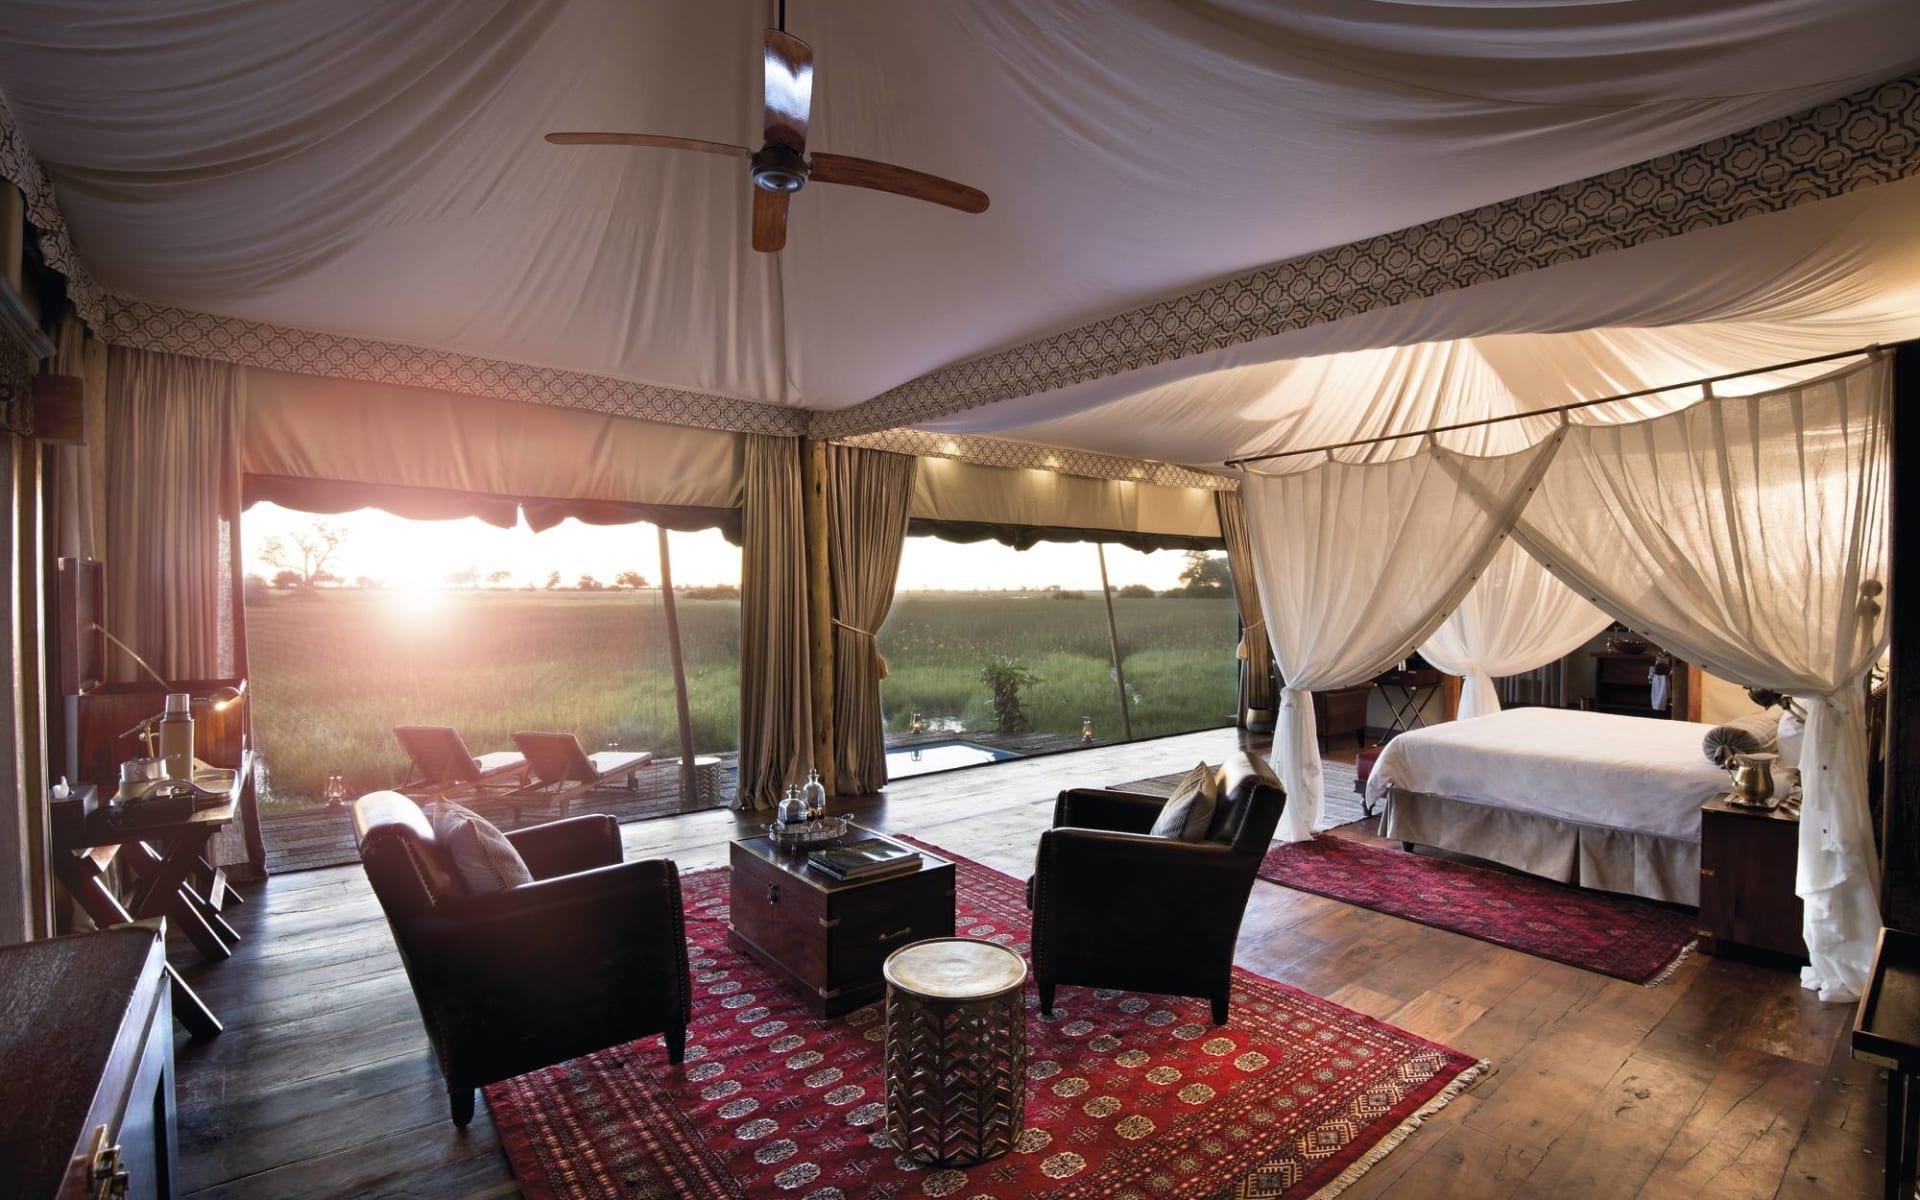 Duba Plains Suite in Okavango Delta:  Duba Plains Suite - Zimmer mit Sitzecke c Great Plains